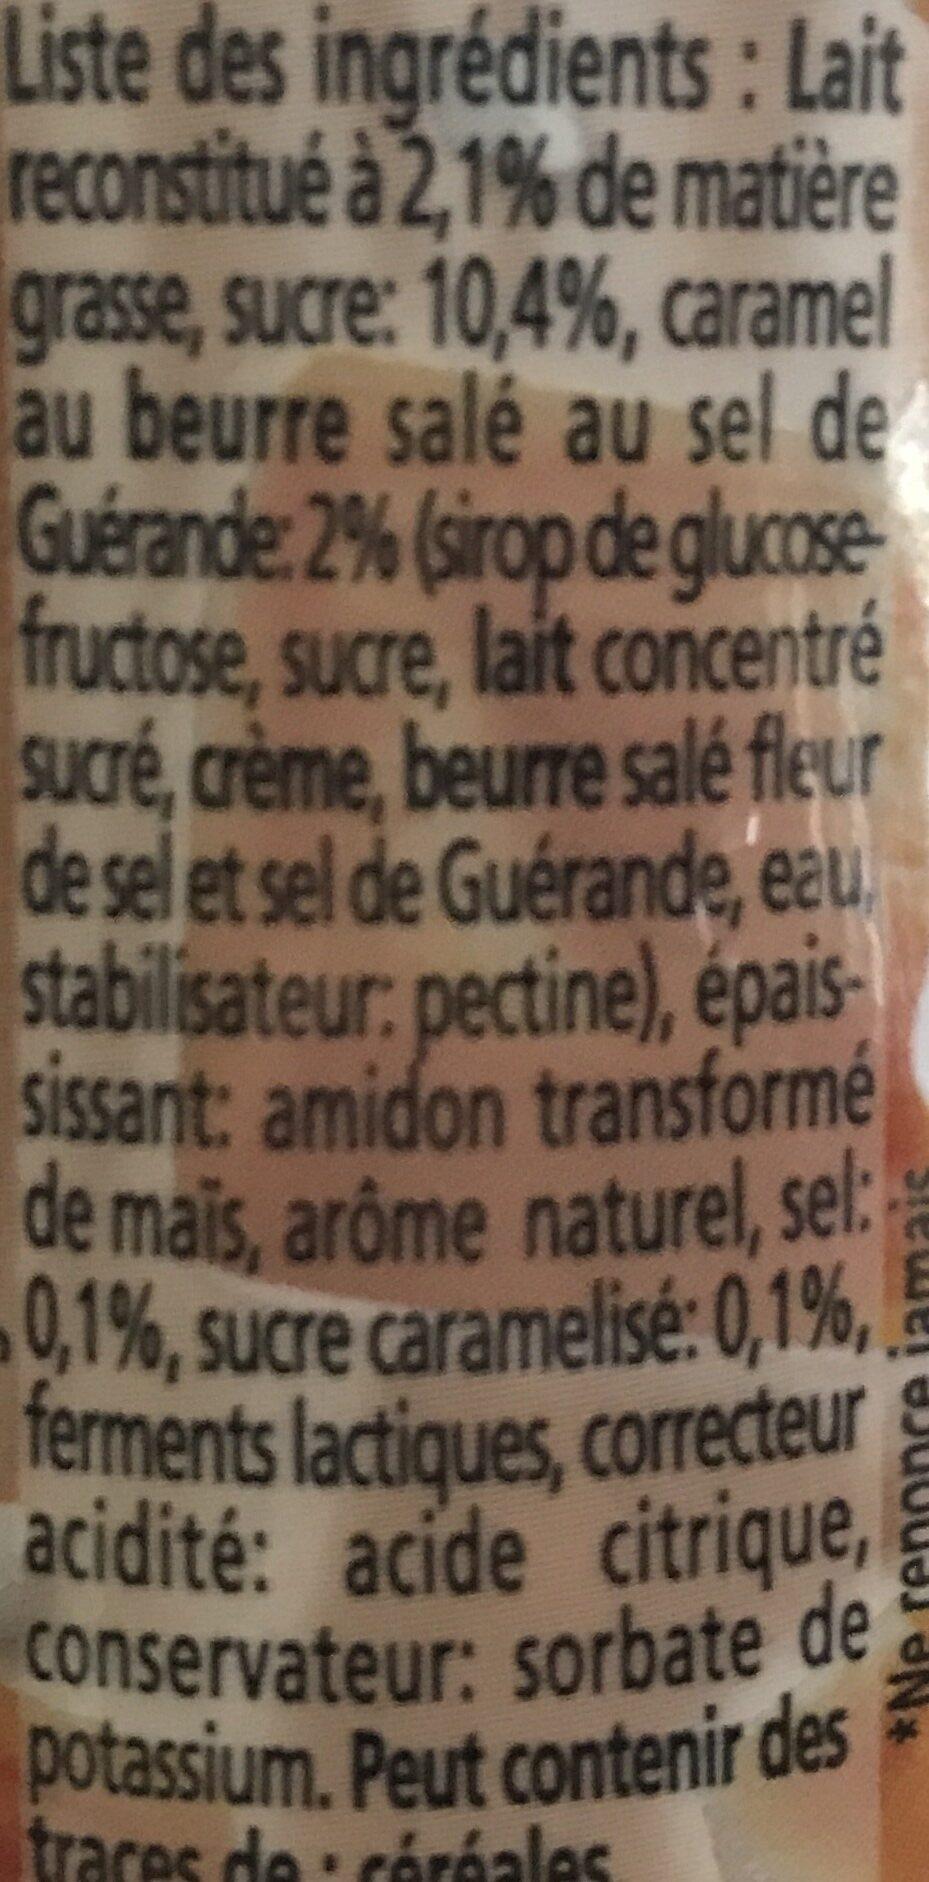 Caramel Beurre salé - Ingredienti - fr